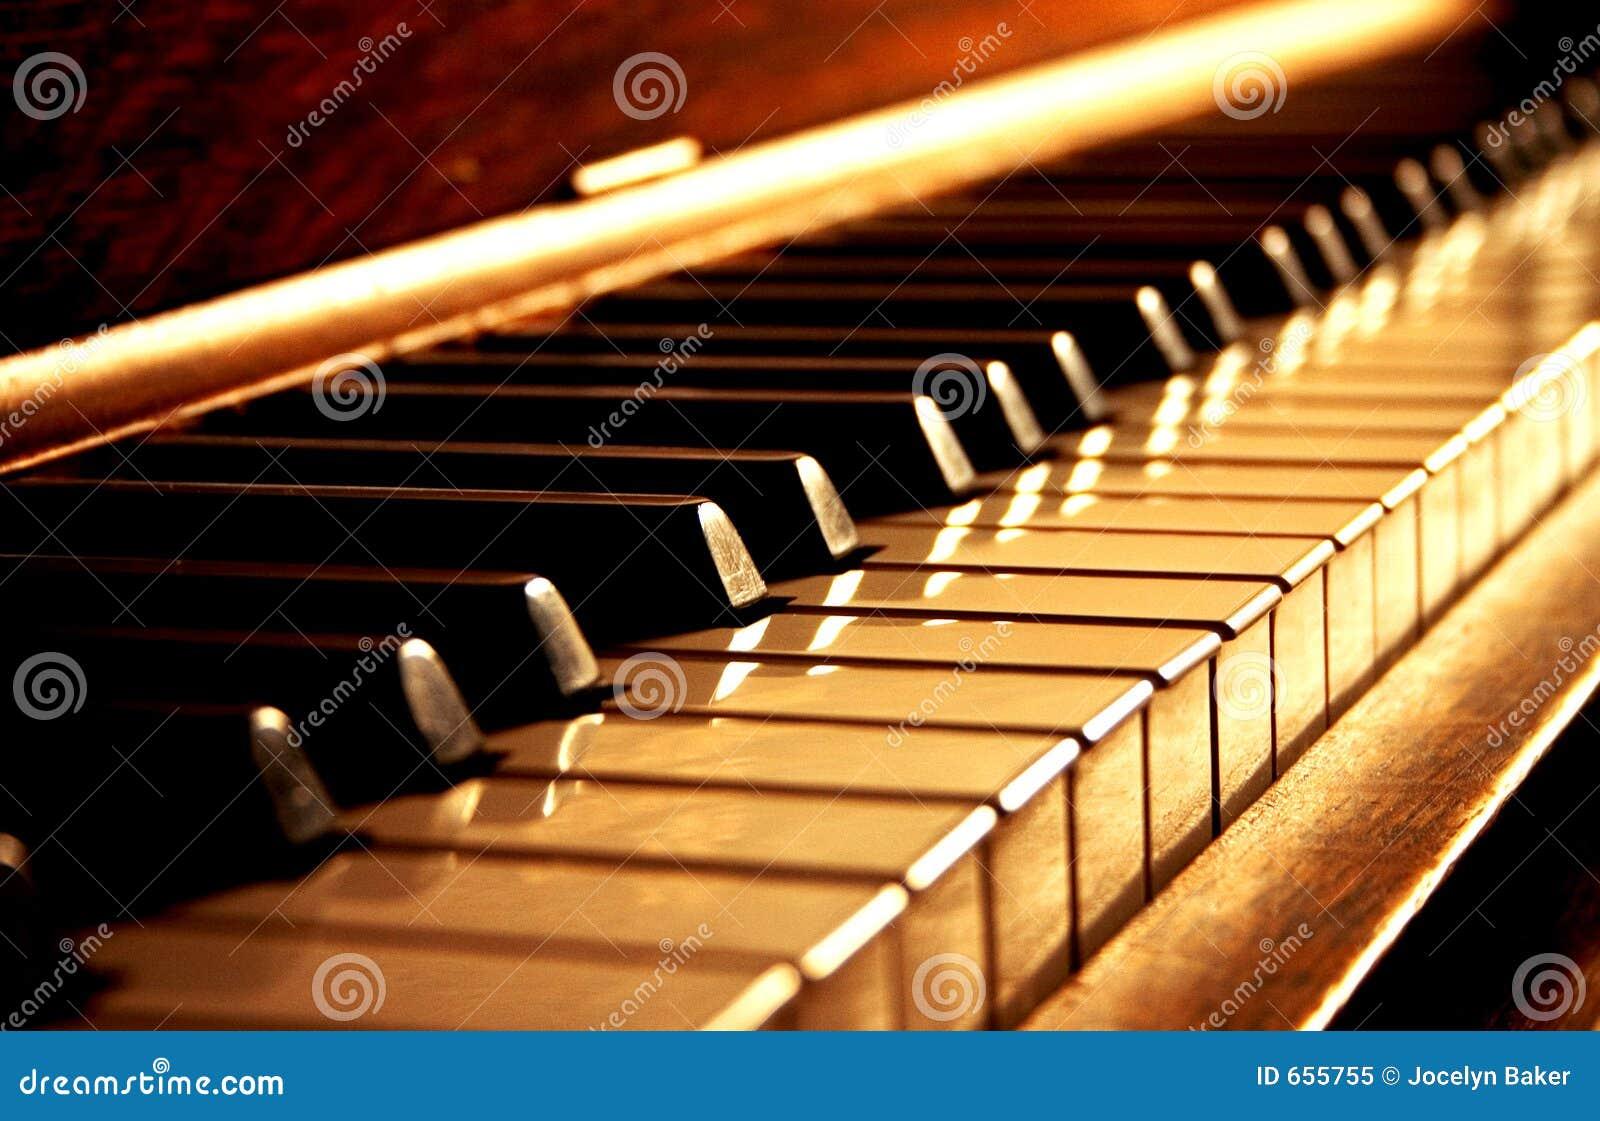 Golden Piano Keys Royalty Free Stock Photo - Image: 655755